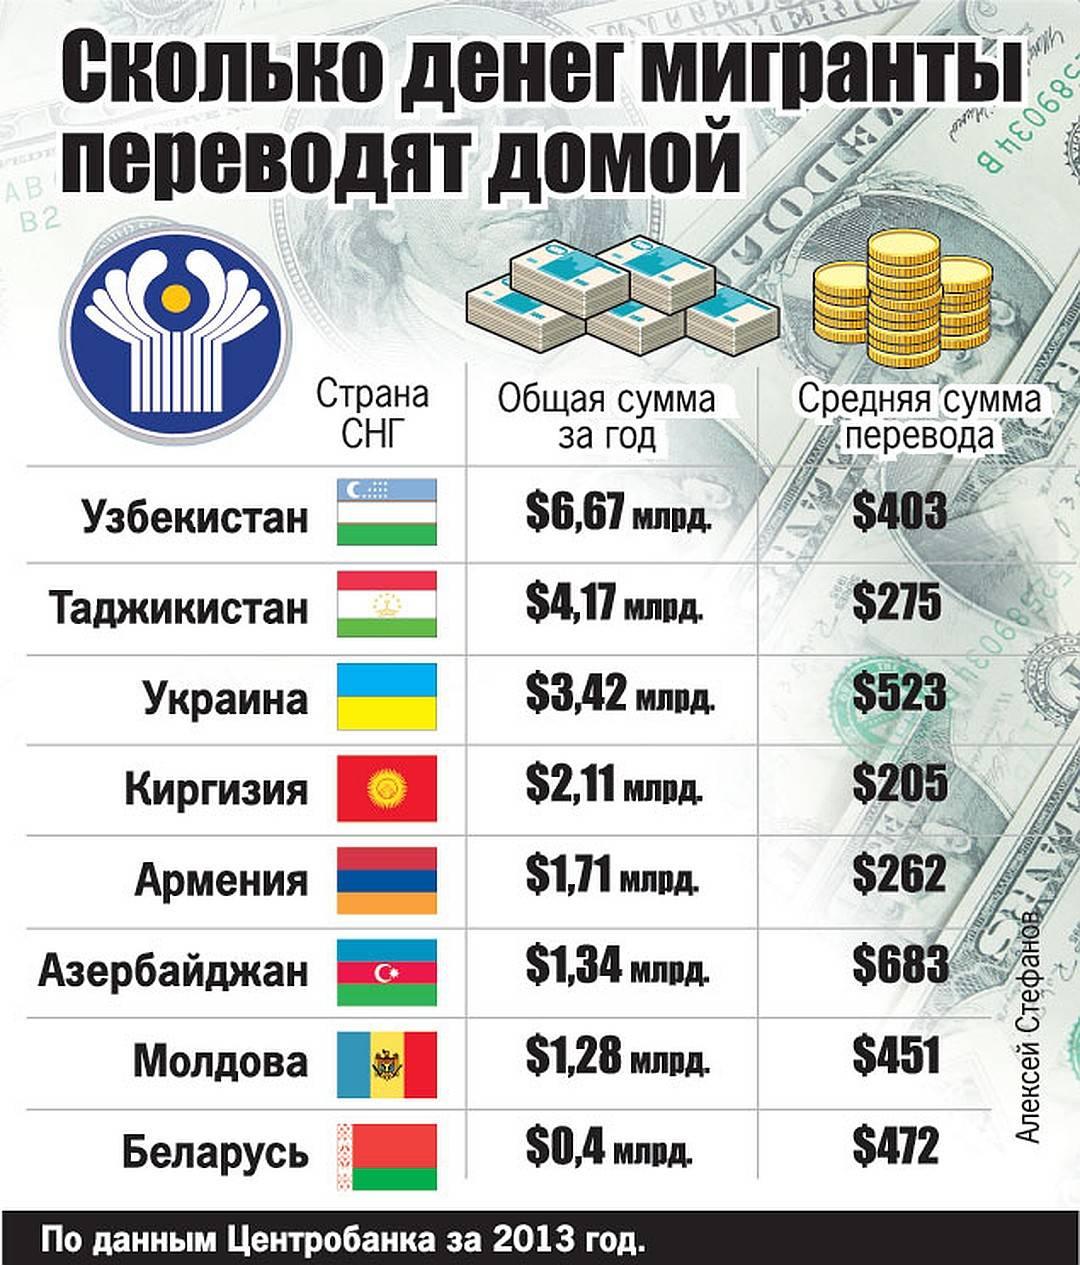 Как перевести деньги из-за границы в россию